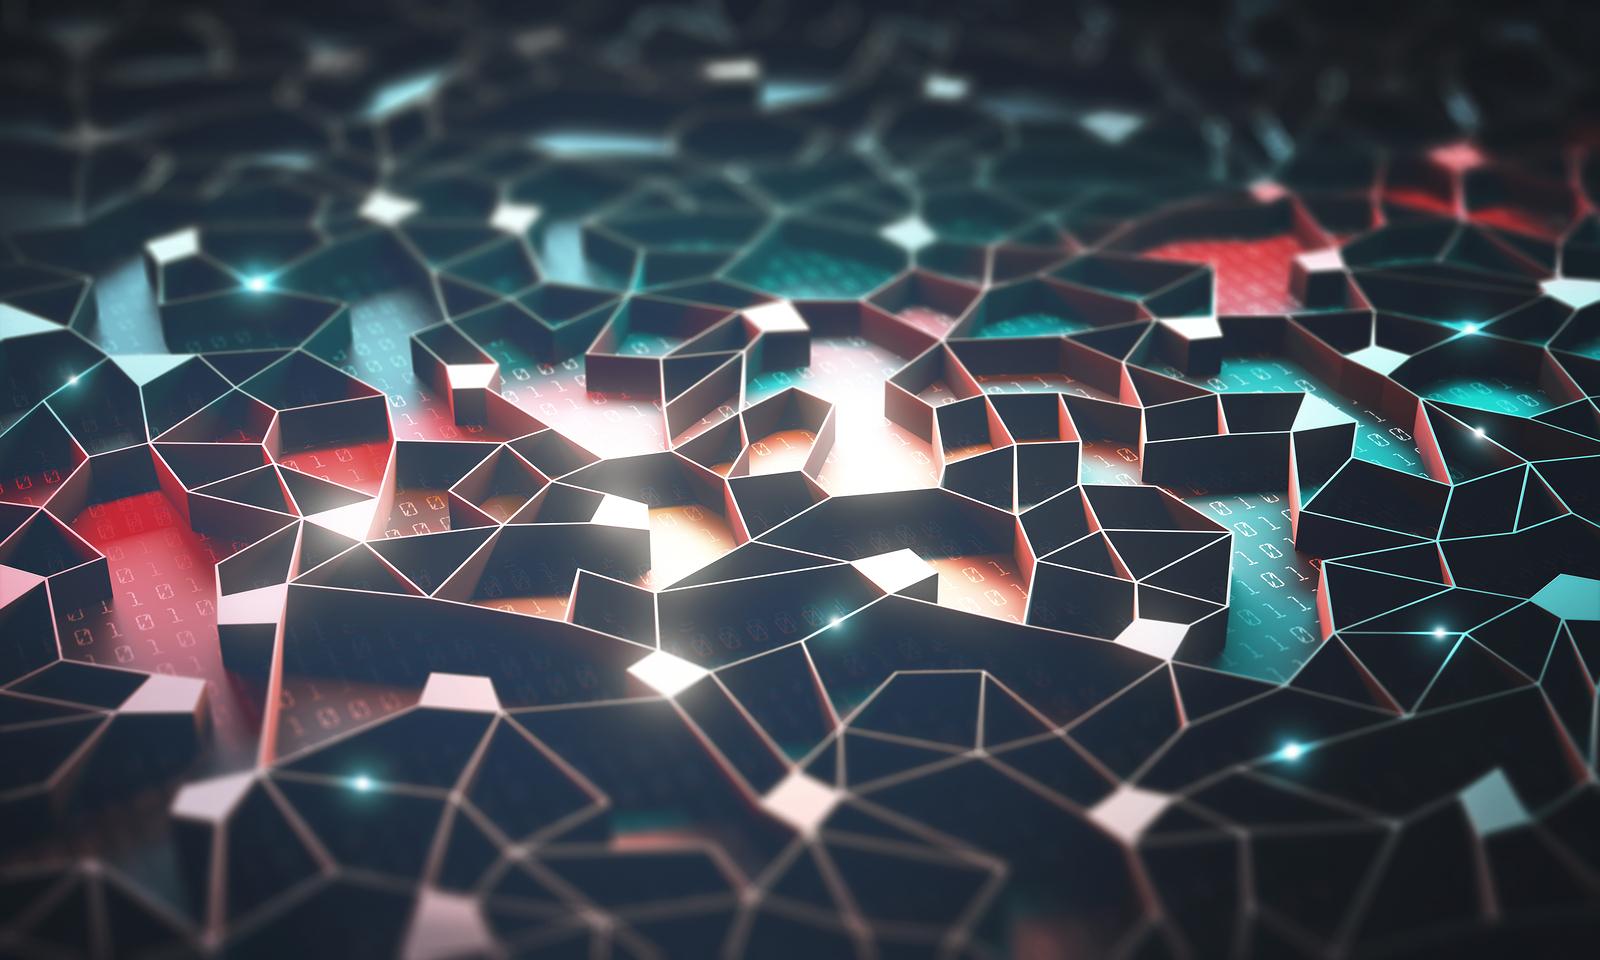 Intelligenza Artificiale per la pubblica sicurezza: utilizzi e rischi sociali | Agenda Digitale